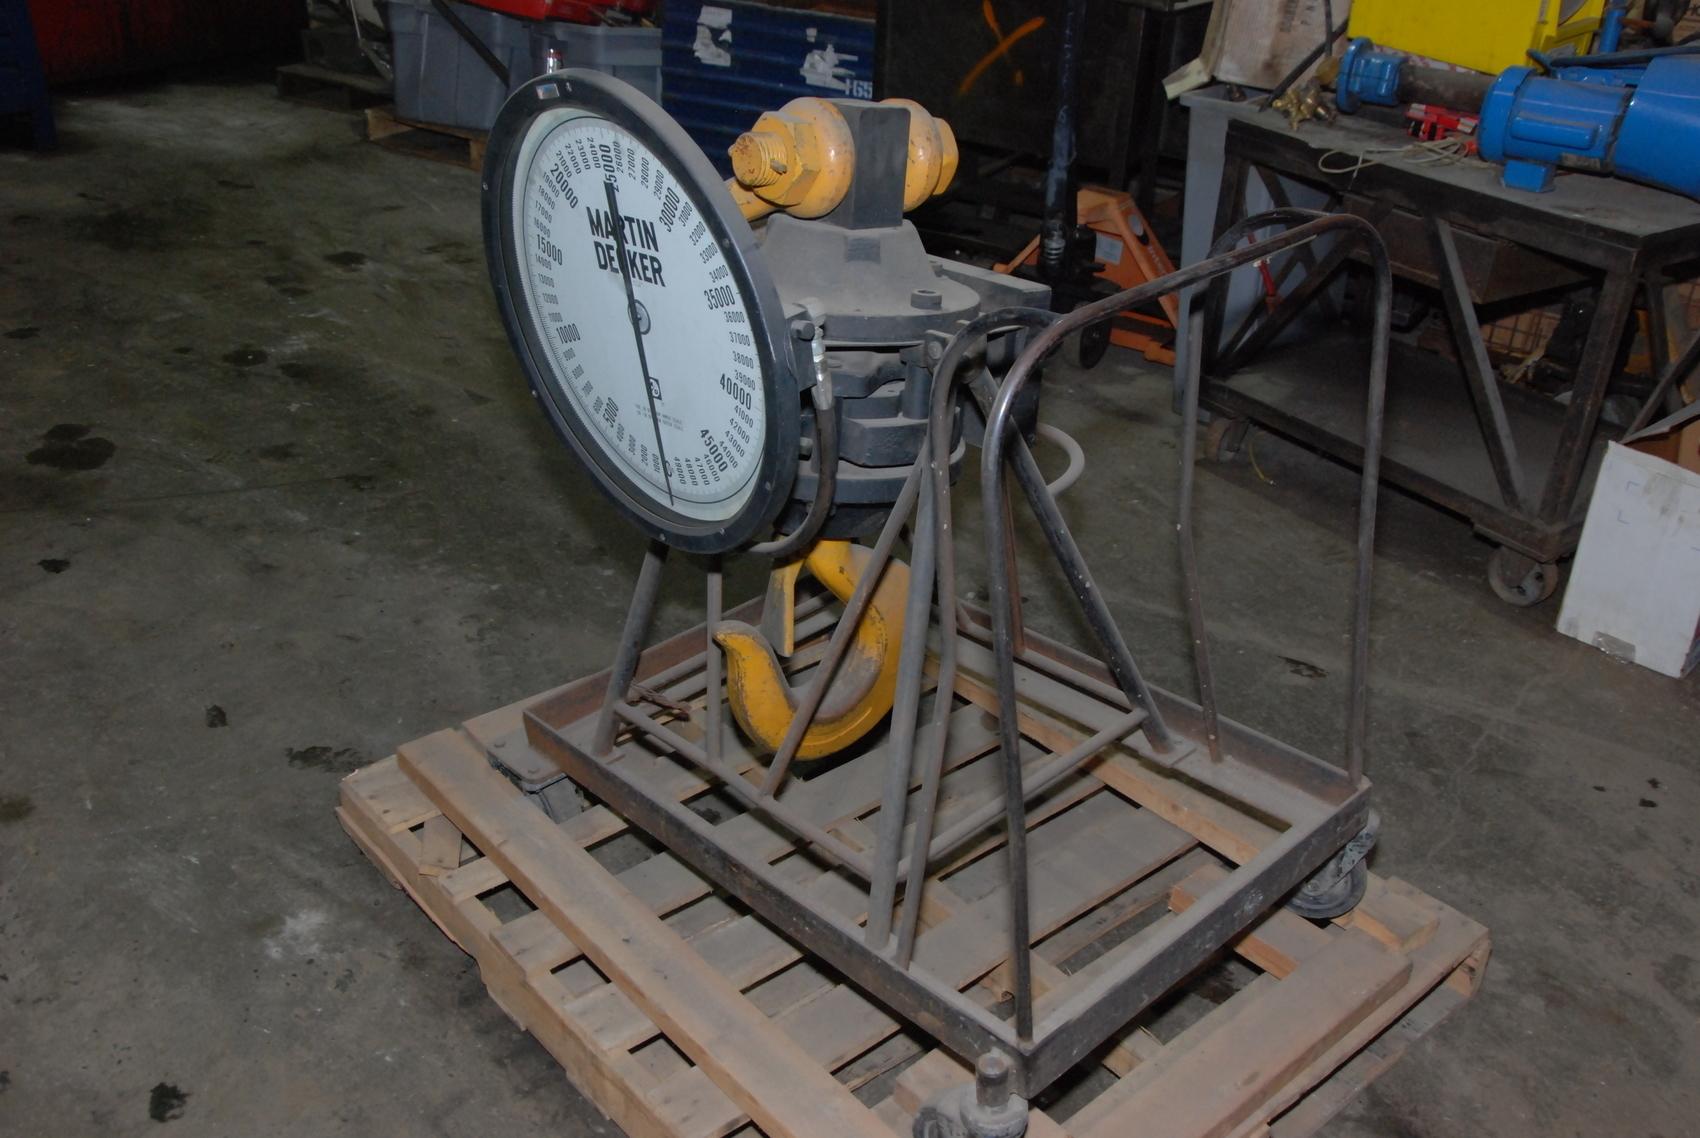 Martin Decker Crane Scale SU180-0500-2 SENSATER 50,000 lbs 50000